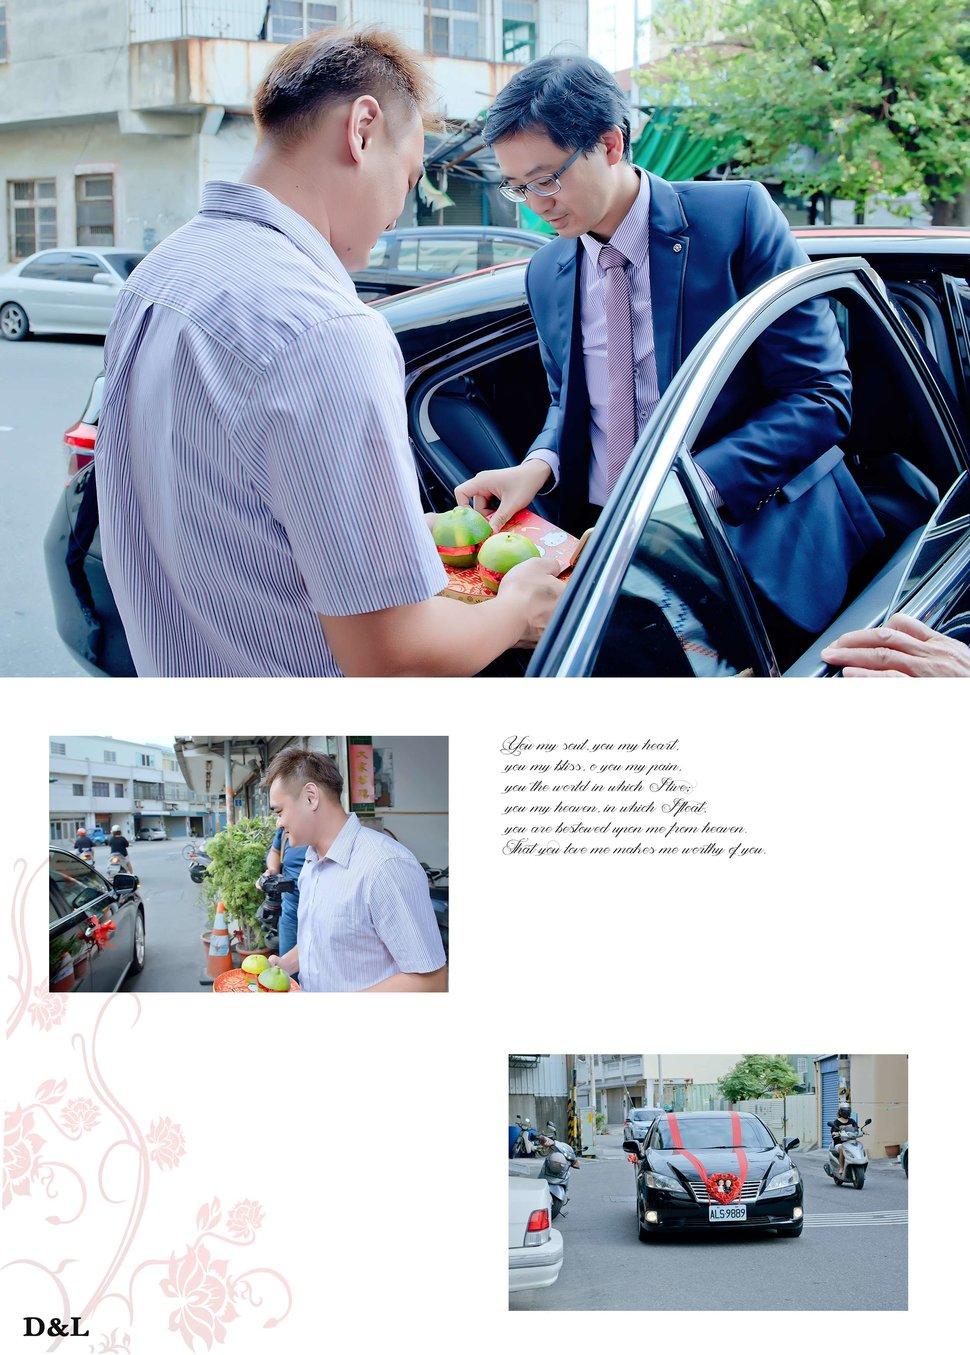 台中婚攝 婚禮記錄 訂結午宴 球愛物語景觀婚禮會館 平面攝影(編號:374384) - D&L 婚禮事務 · 婚禮婚紗攝影 - 結婚吧